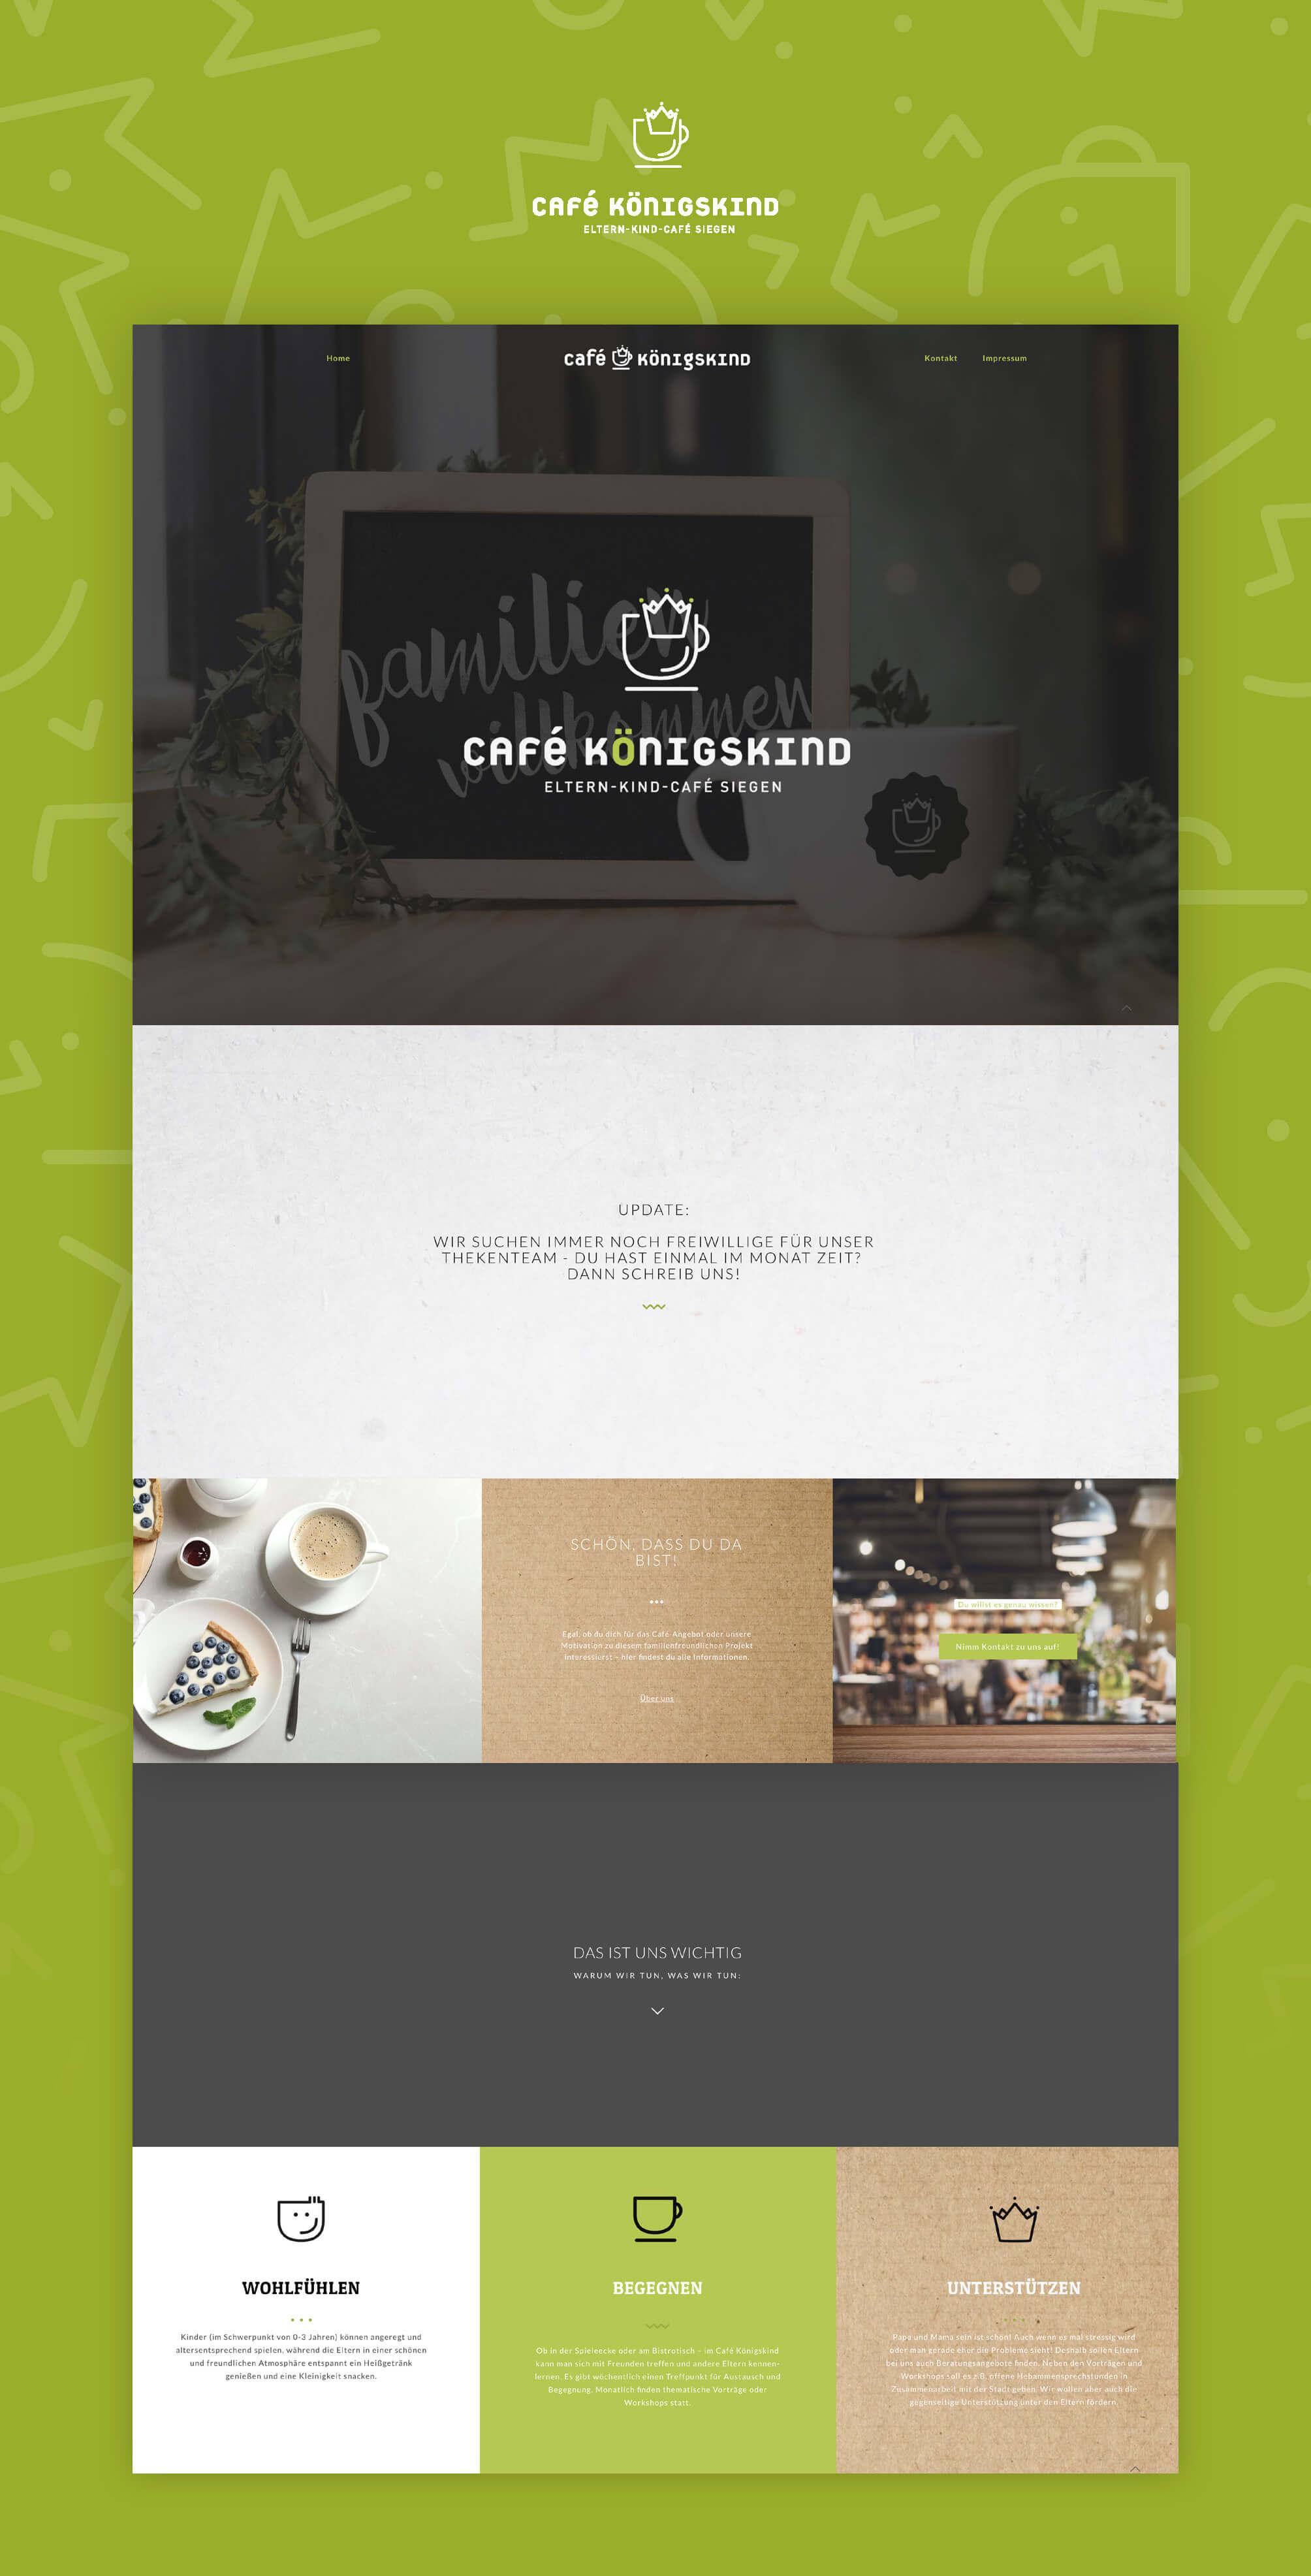 Cafe_koenigskind-web-1